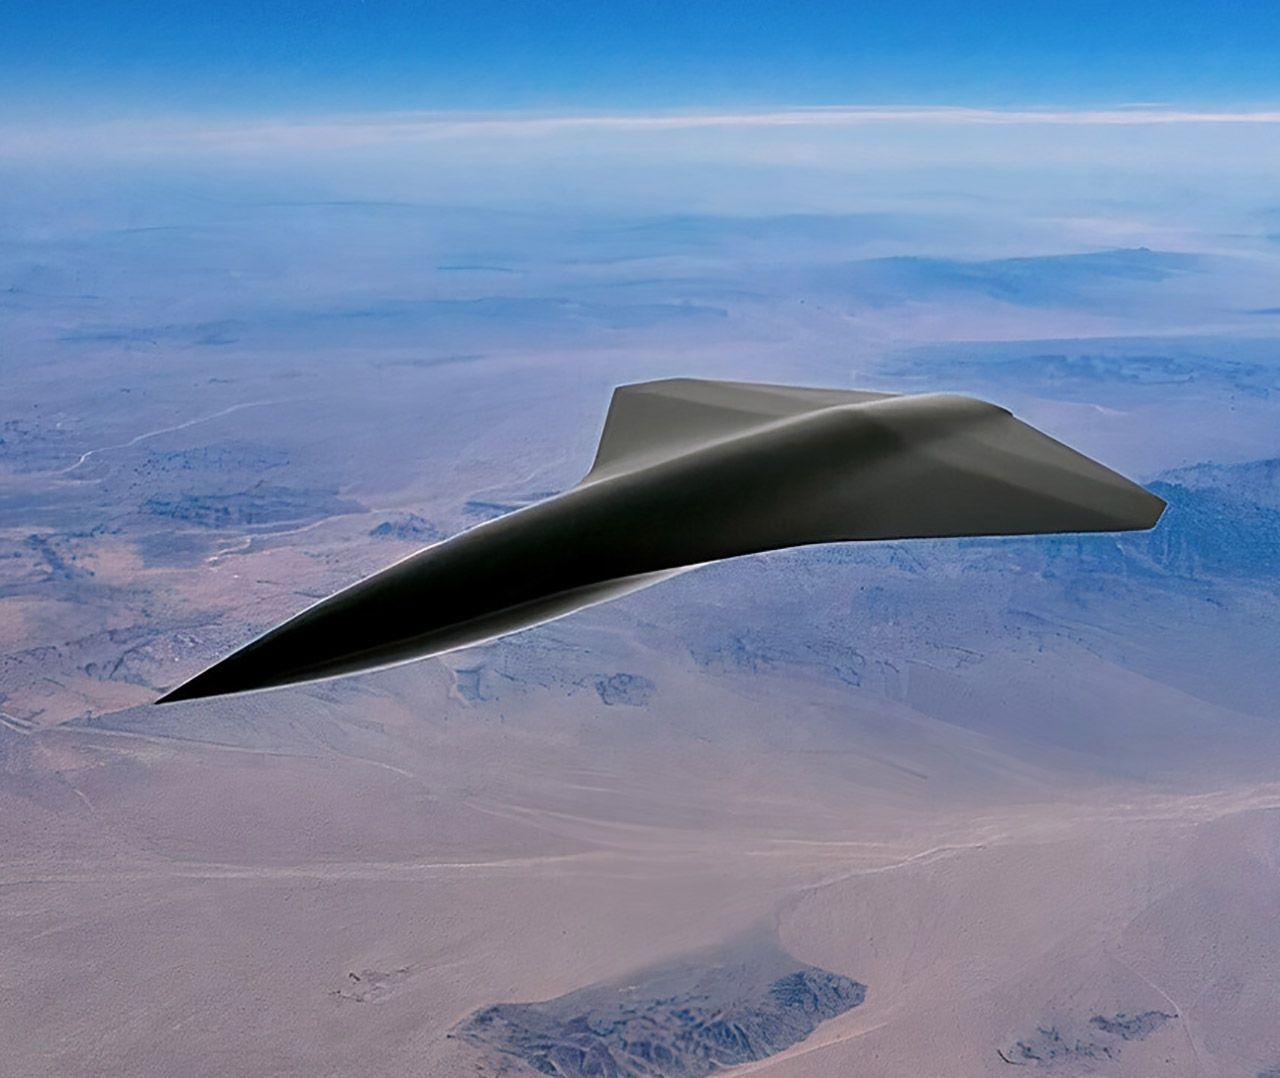 Сверхзвуковой дрон Arrow способен развивать скорость свыше 2400 км в час